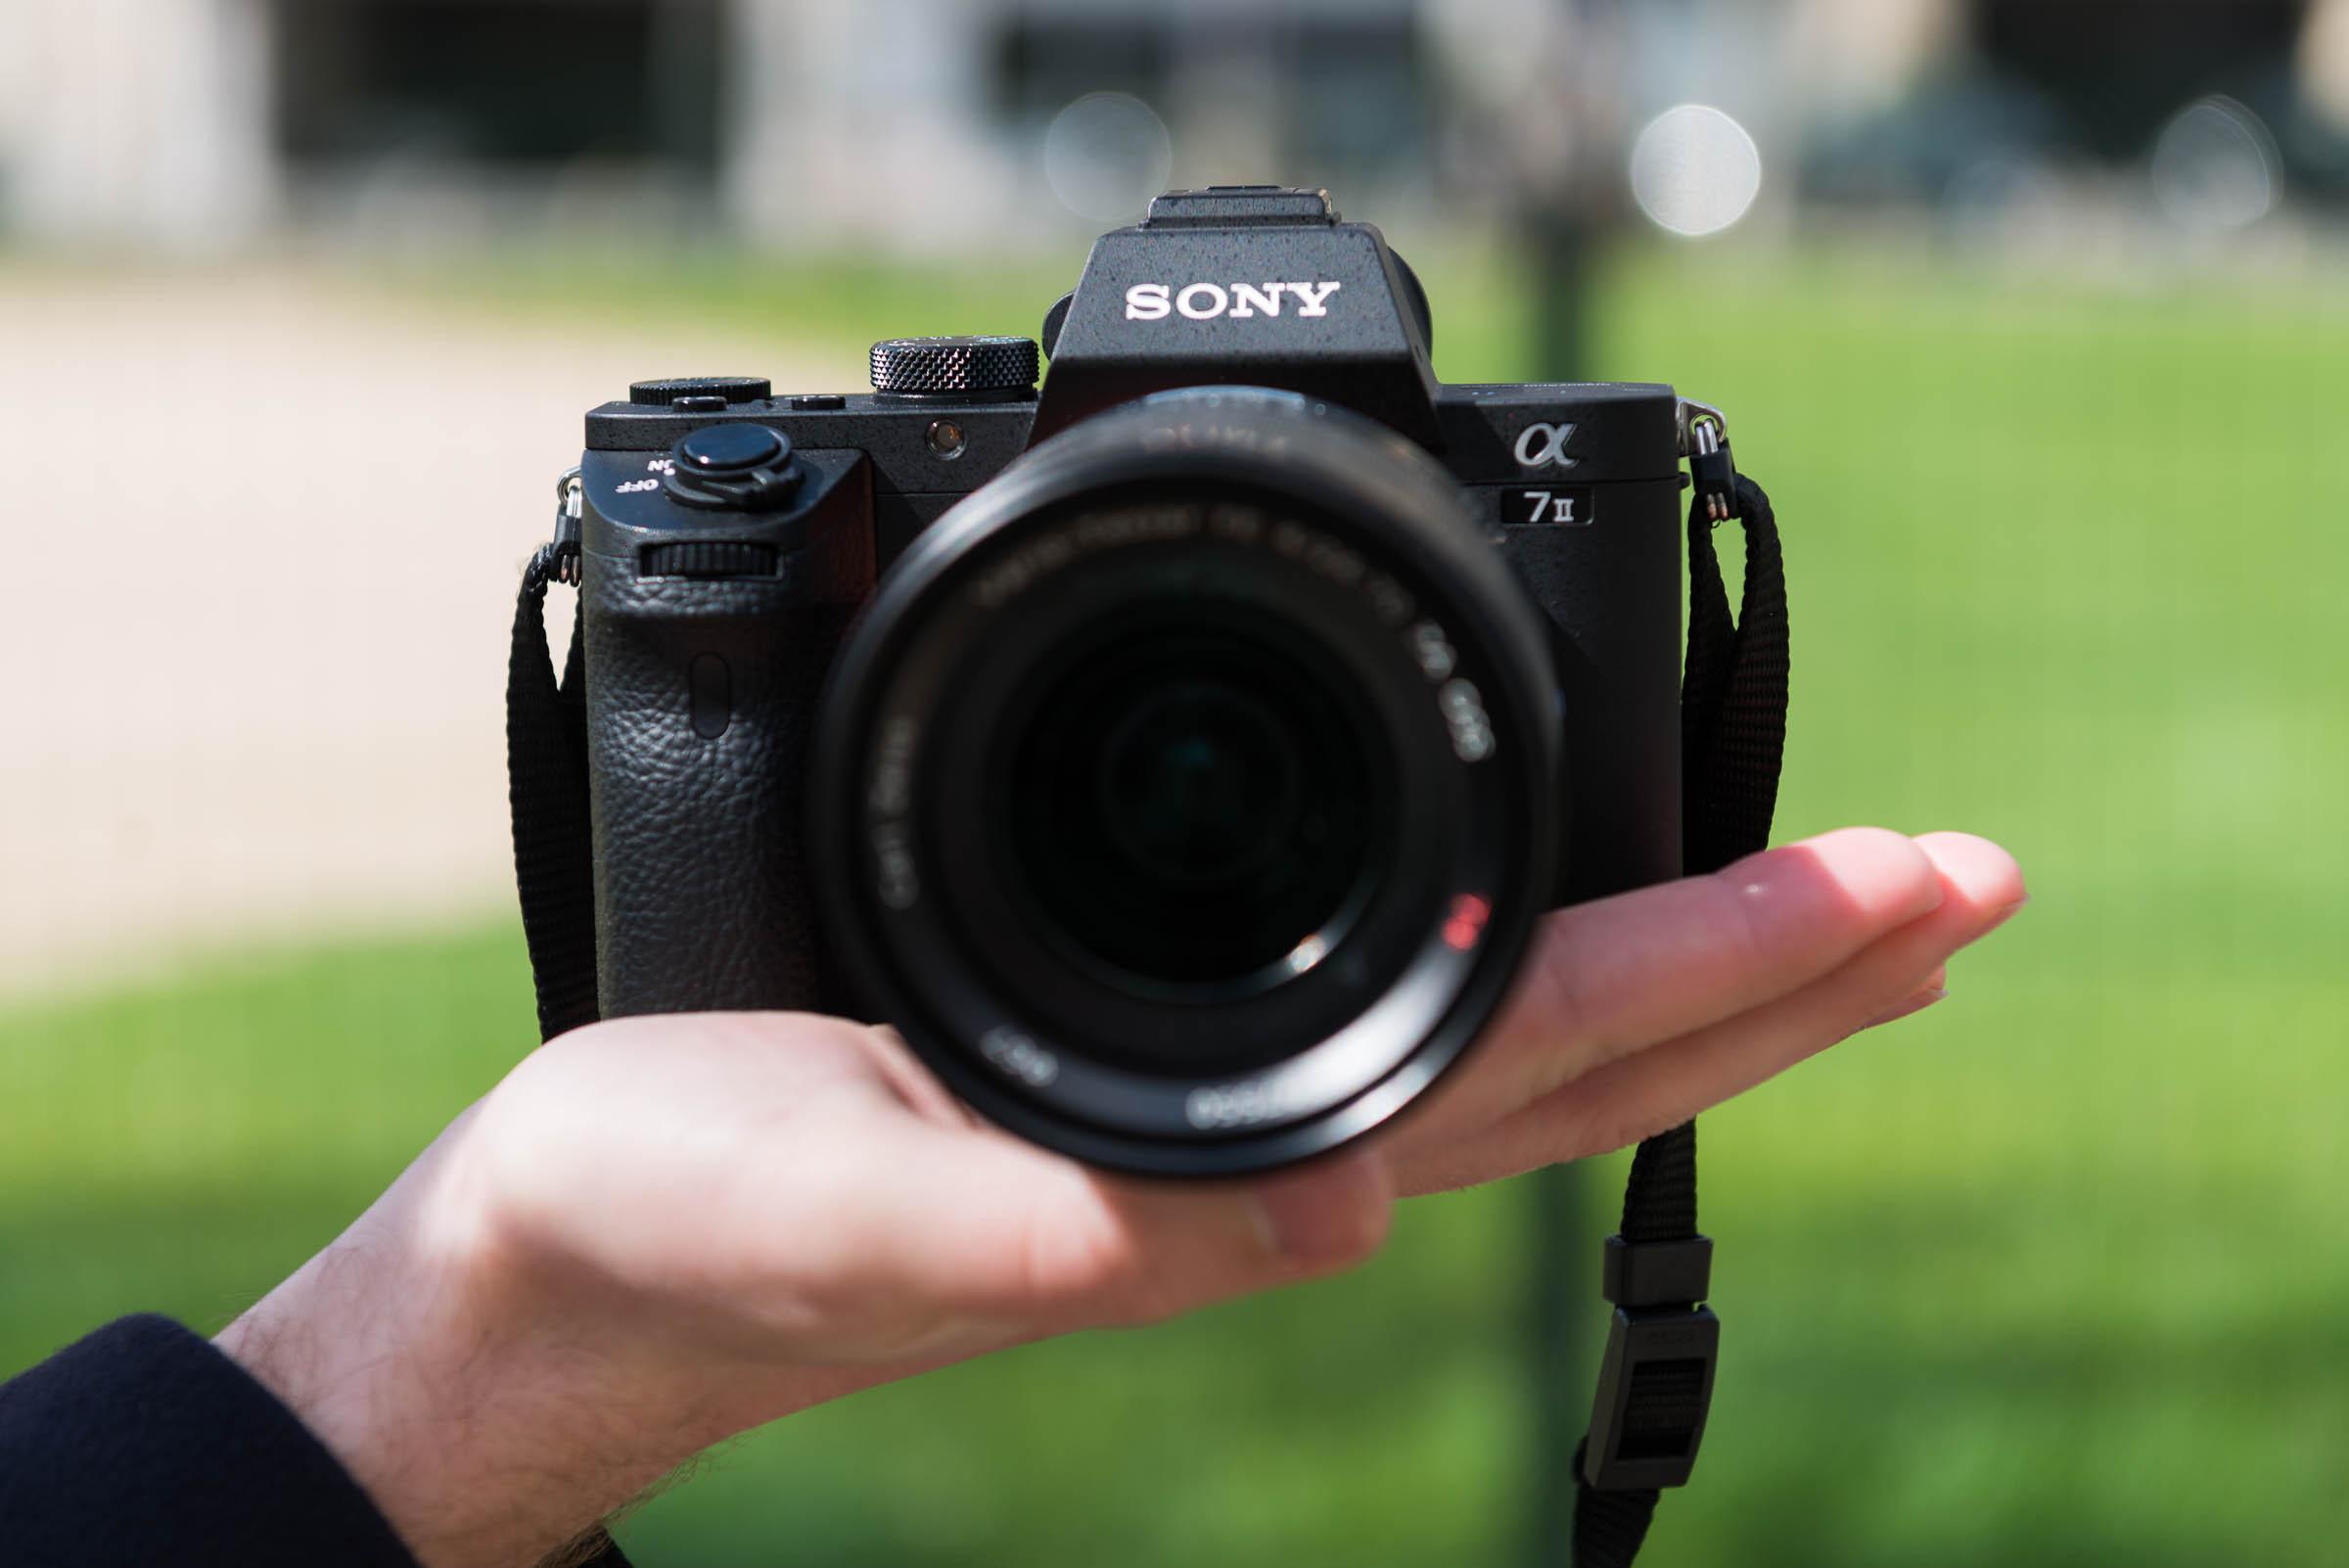 Bon plan : un pack Sony A7 II + 28-70mm + 50mm + 85mm à 1429€ après offre adhérents Fnac et ODR Sony